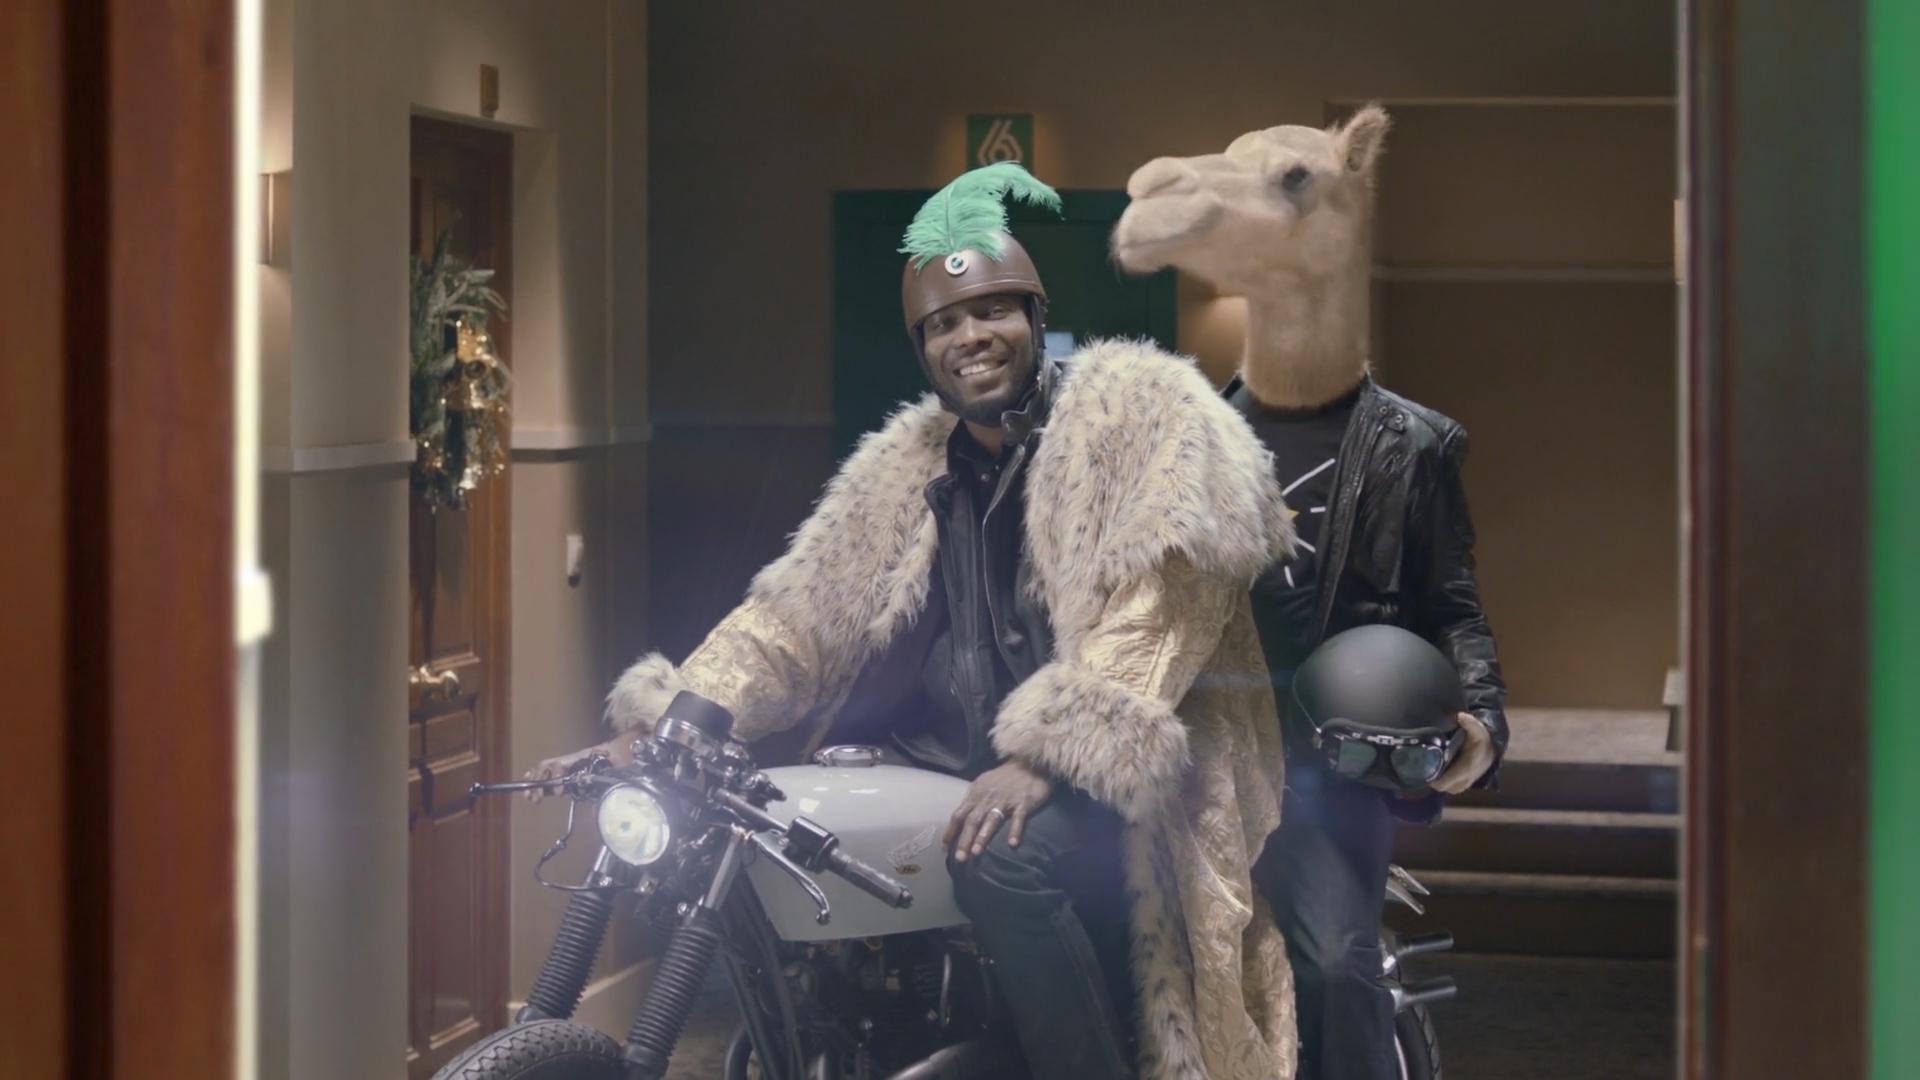 feliz-navidad-la-sexta-el-exilio-rey-mago-baltasar-moto-camello-video-3d-1920x1080.jpg